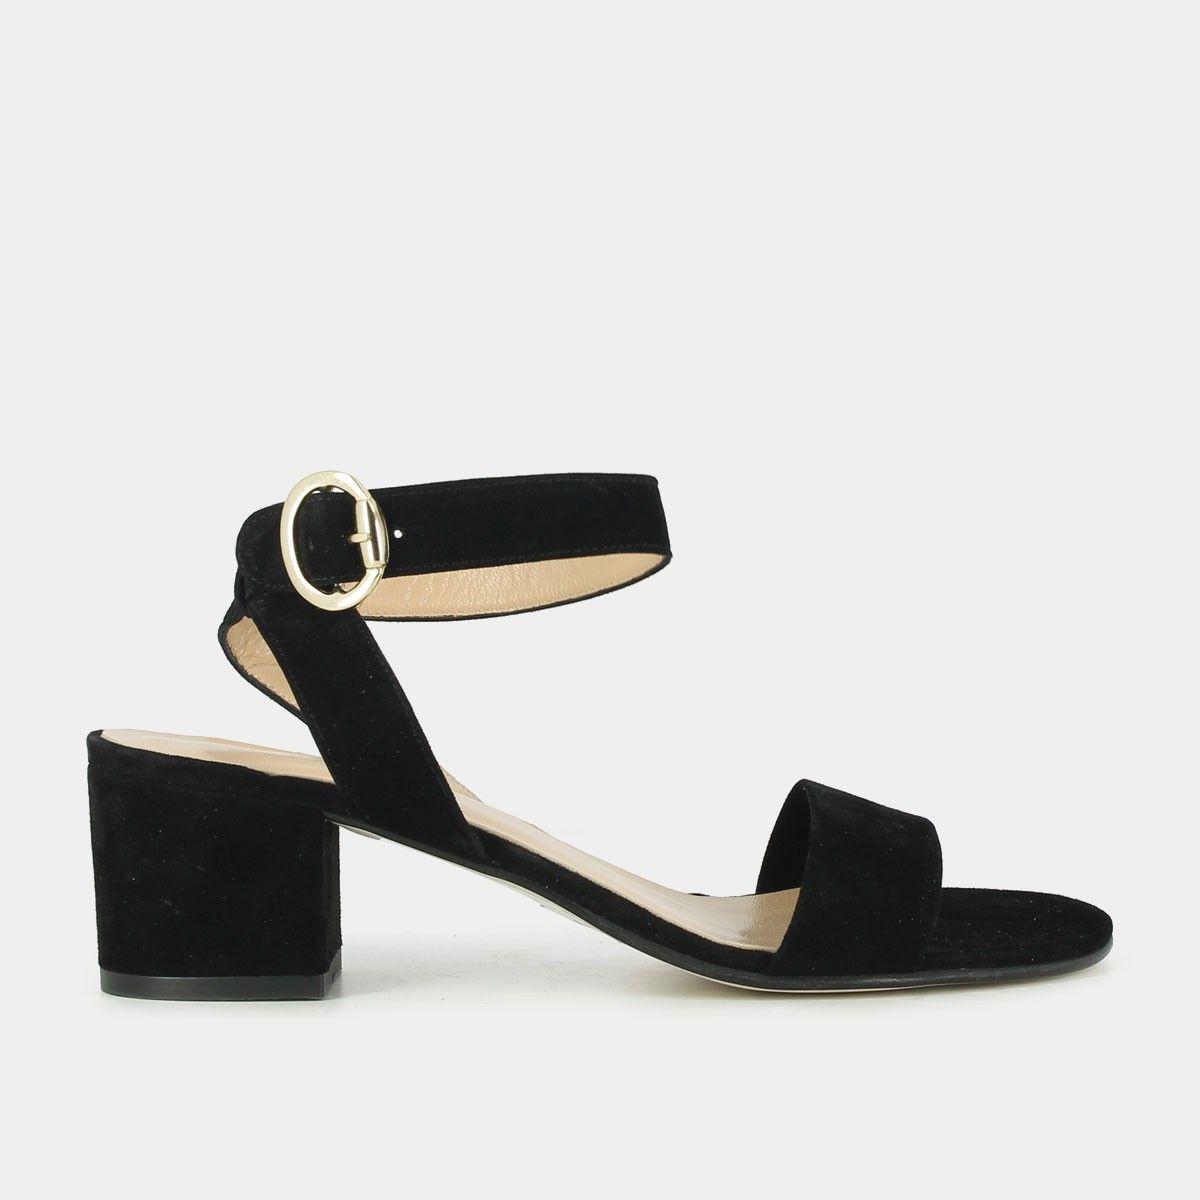 les mieux notés plus bas rabais nouveau authentique Sandales à talon carré en velours noir | Shoes en 2019 ...